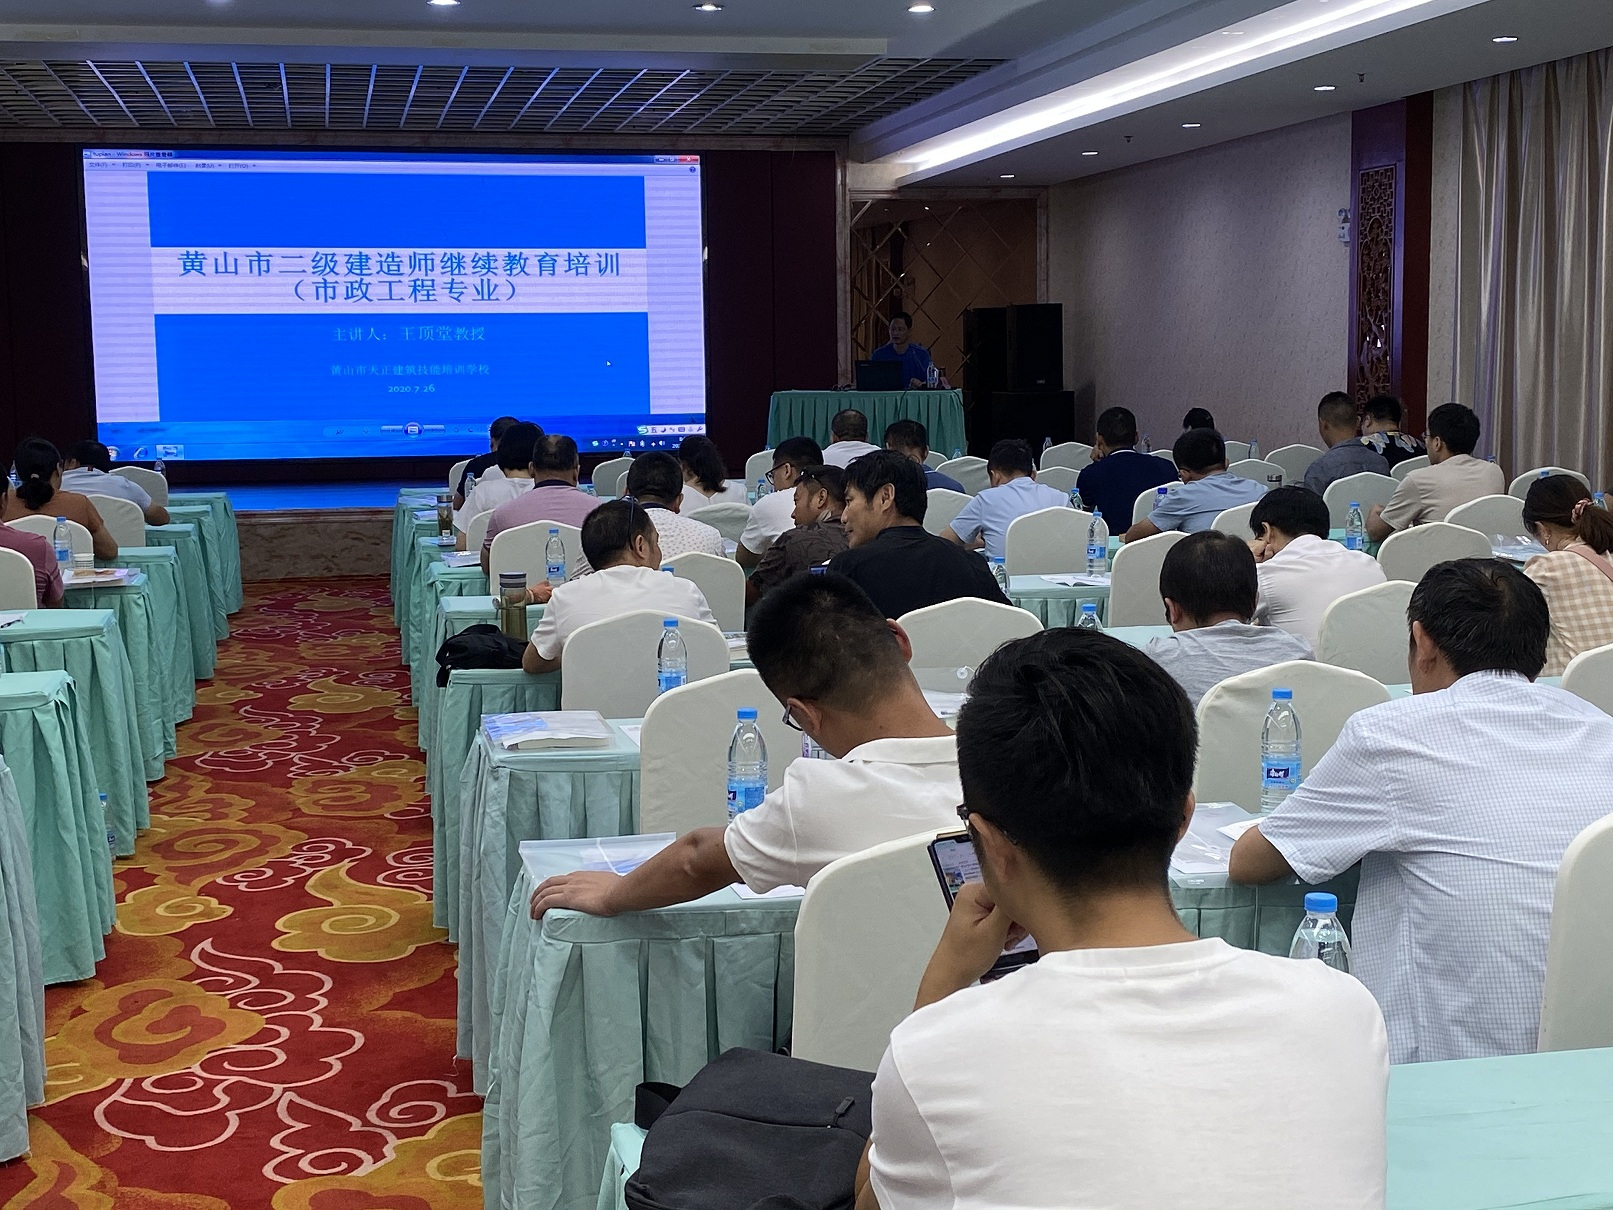 黄山市二级建造师(市政公用工程)继续教育培训班顺利举办